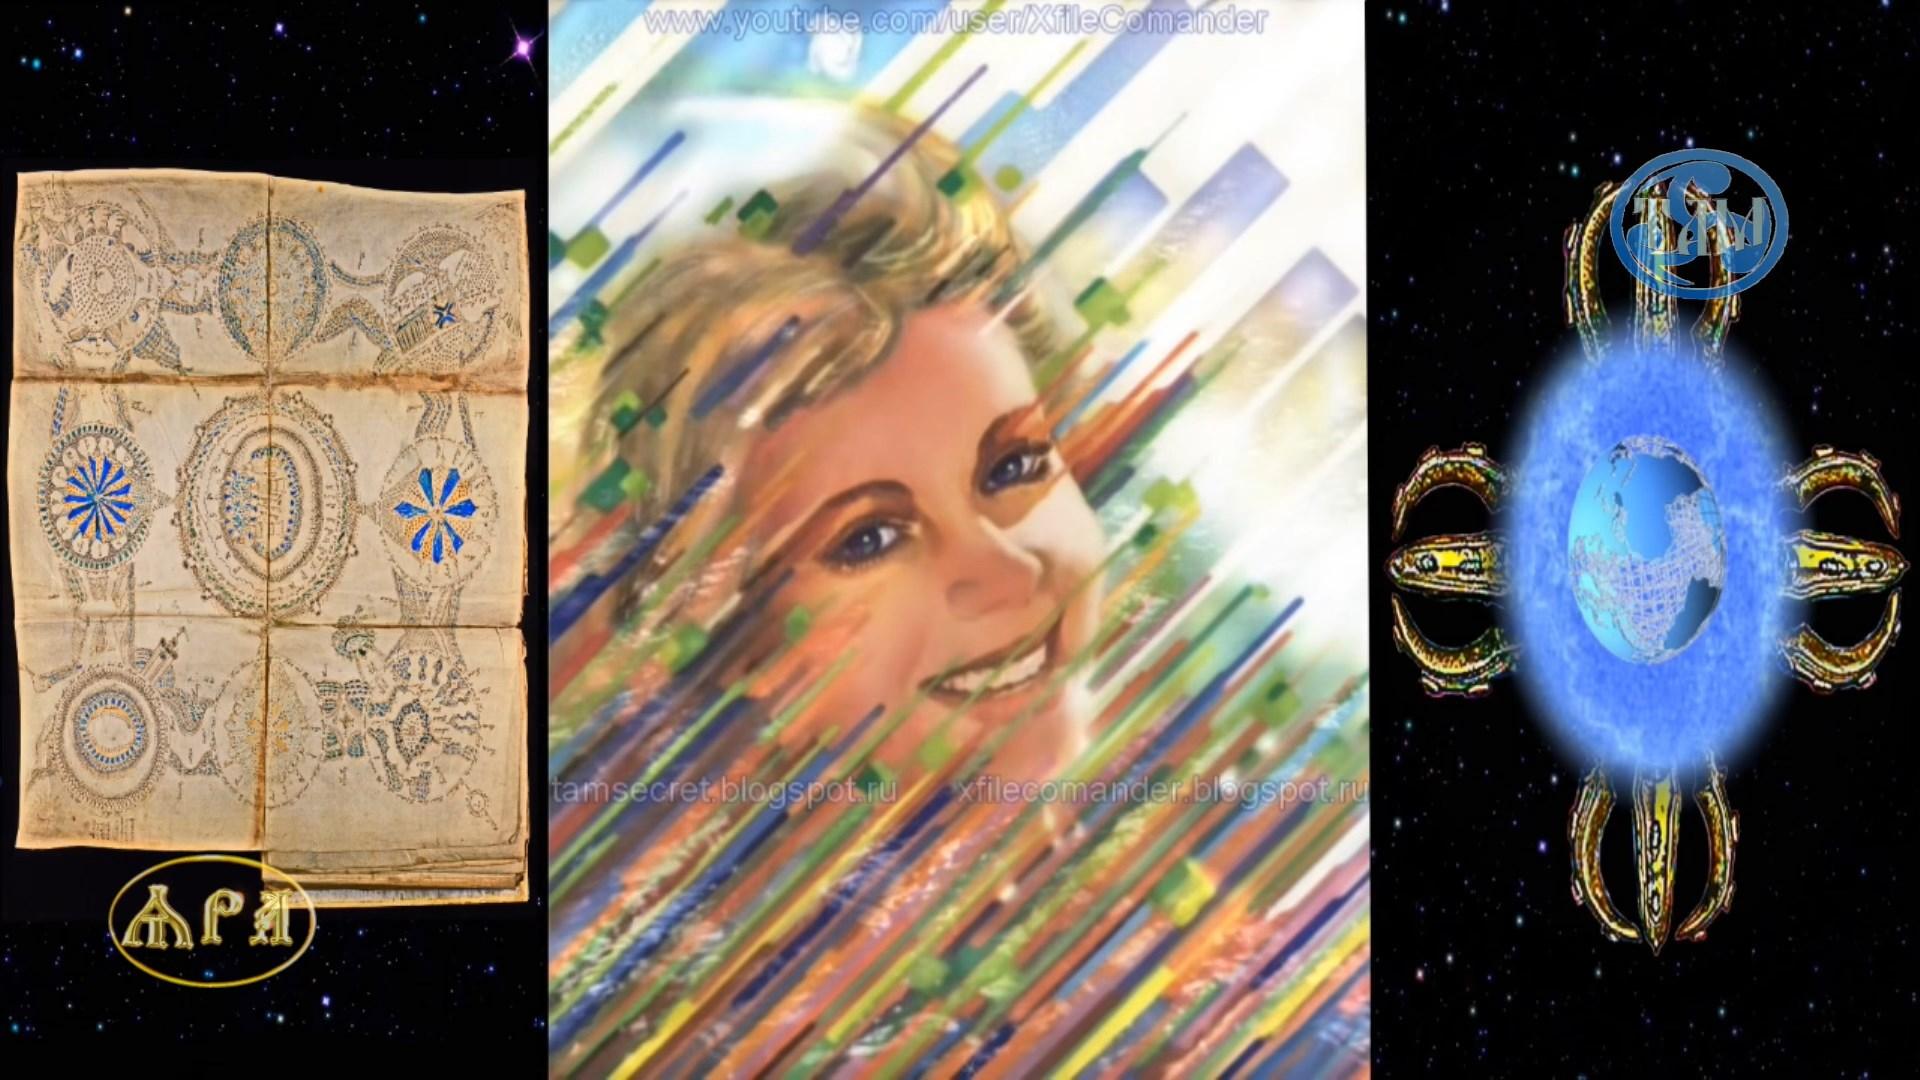 Сфера соединения пространств или Курс на исходную точку времени. by SpaceTrack Сфера соединения пространств или Курс на исходную точку времени. Смена пространств. Соединение очередных пространств в оригинал. Оригинал нашего пространства жизни, нашего бытия, нашего сознания жизни.